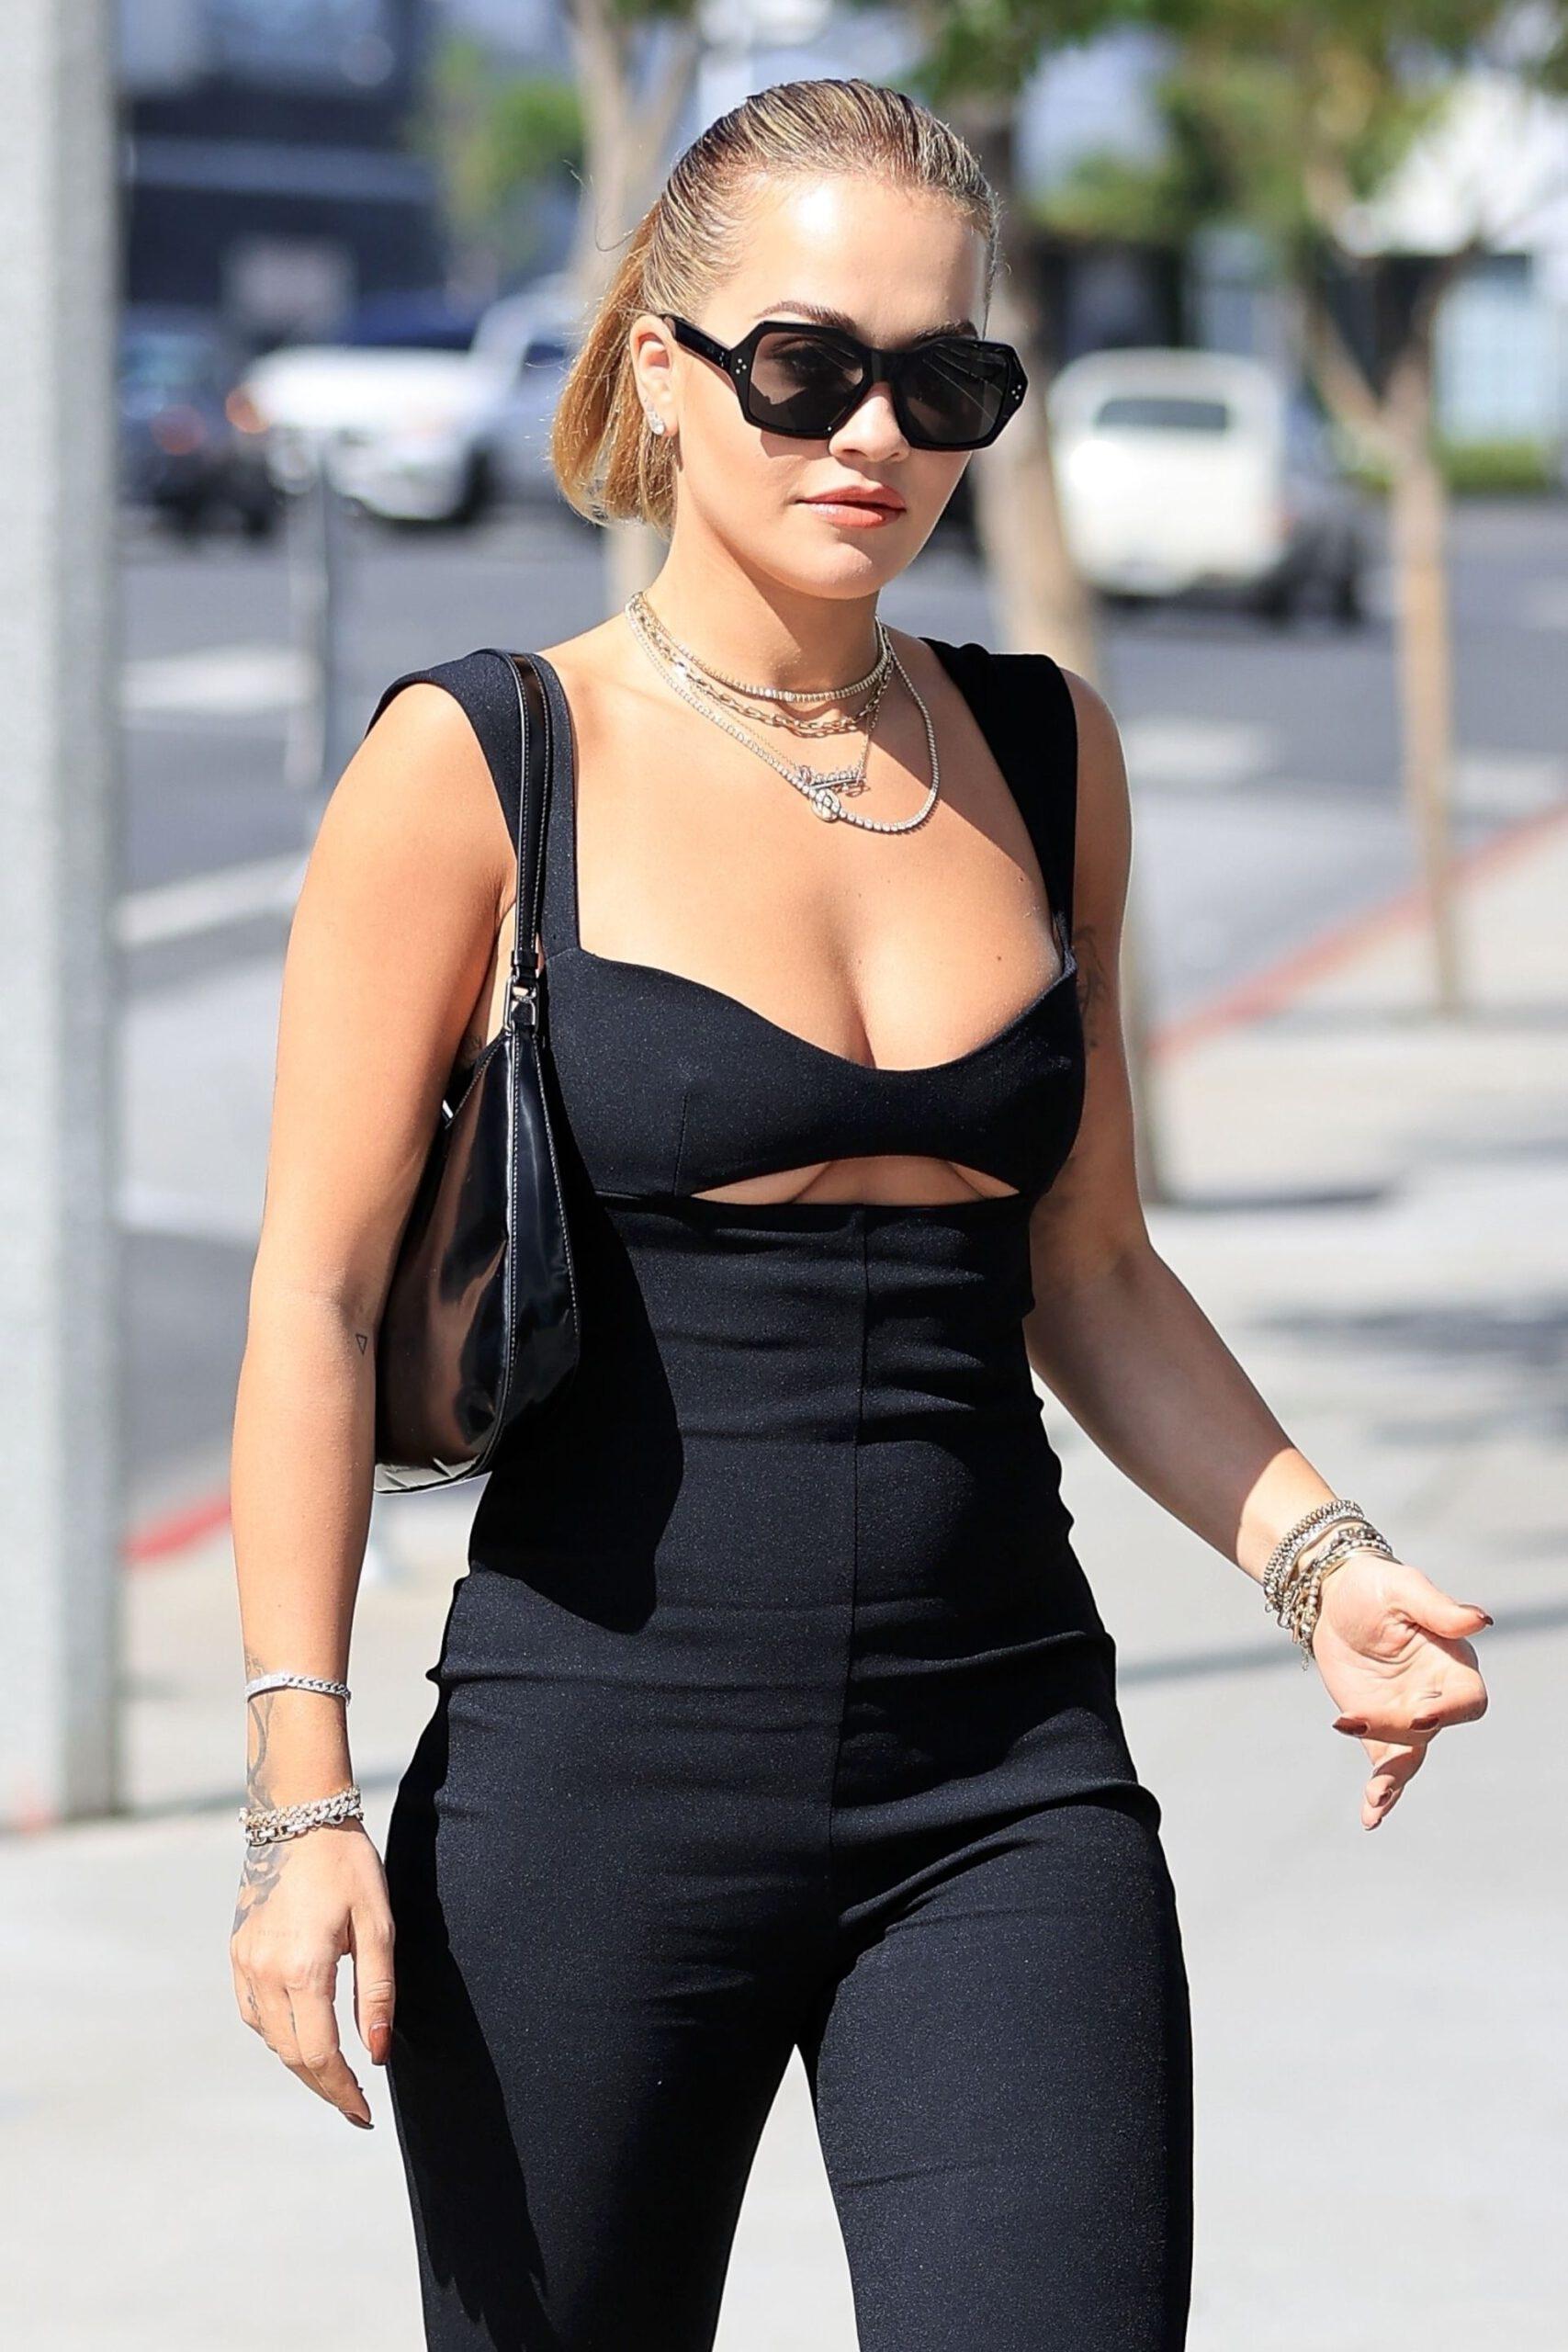 Rita Ora Beautiful Boobs